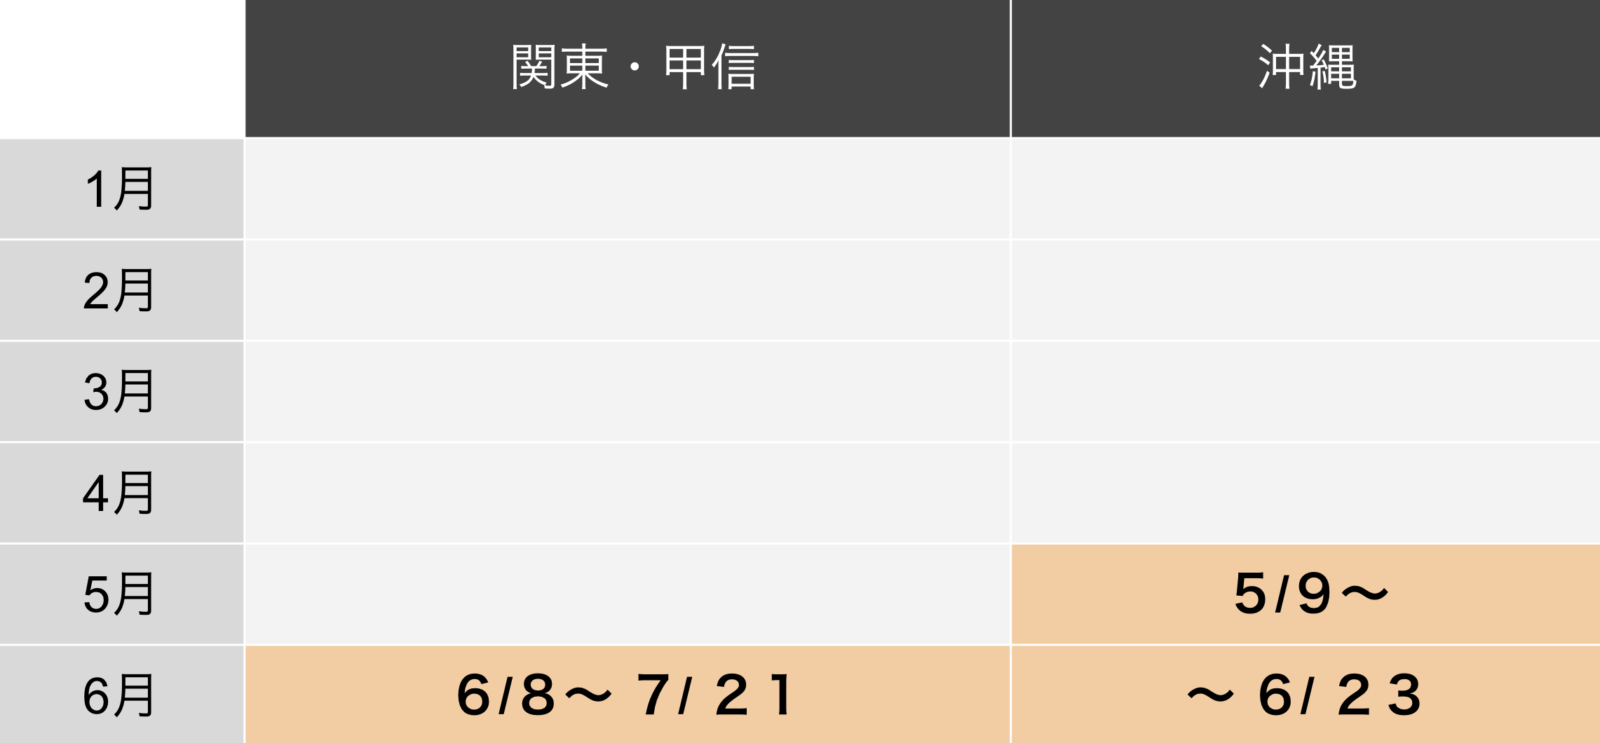 関東甲信と沖縄の梅雨時期比較表